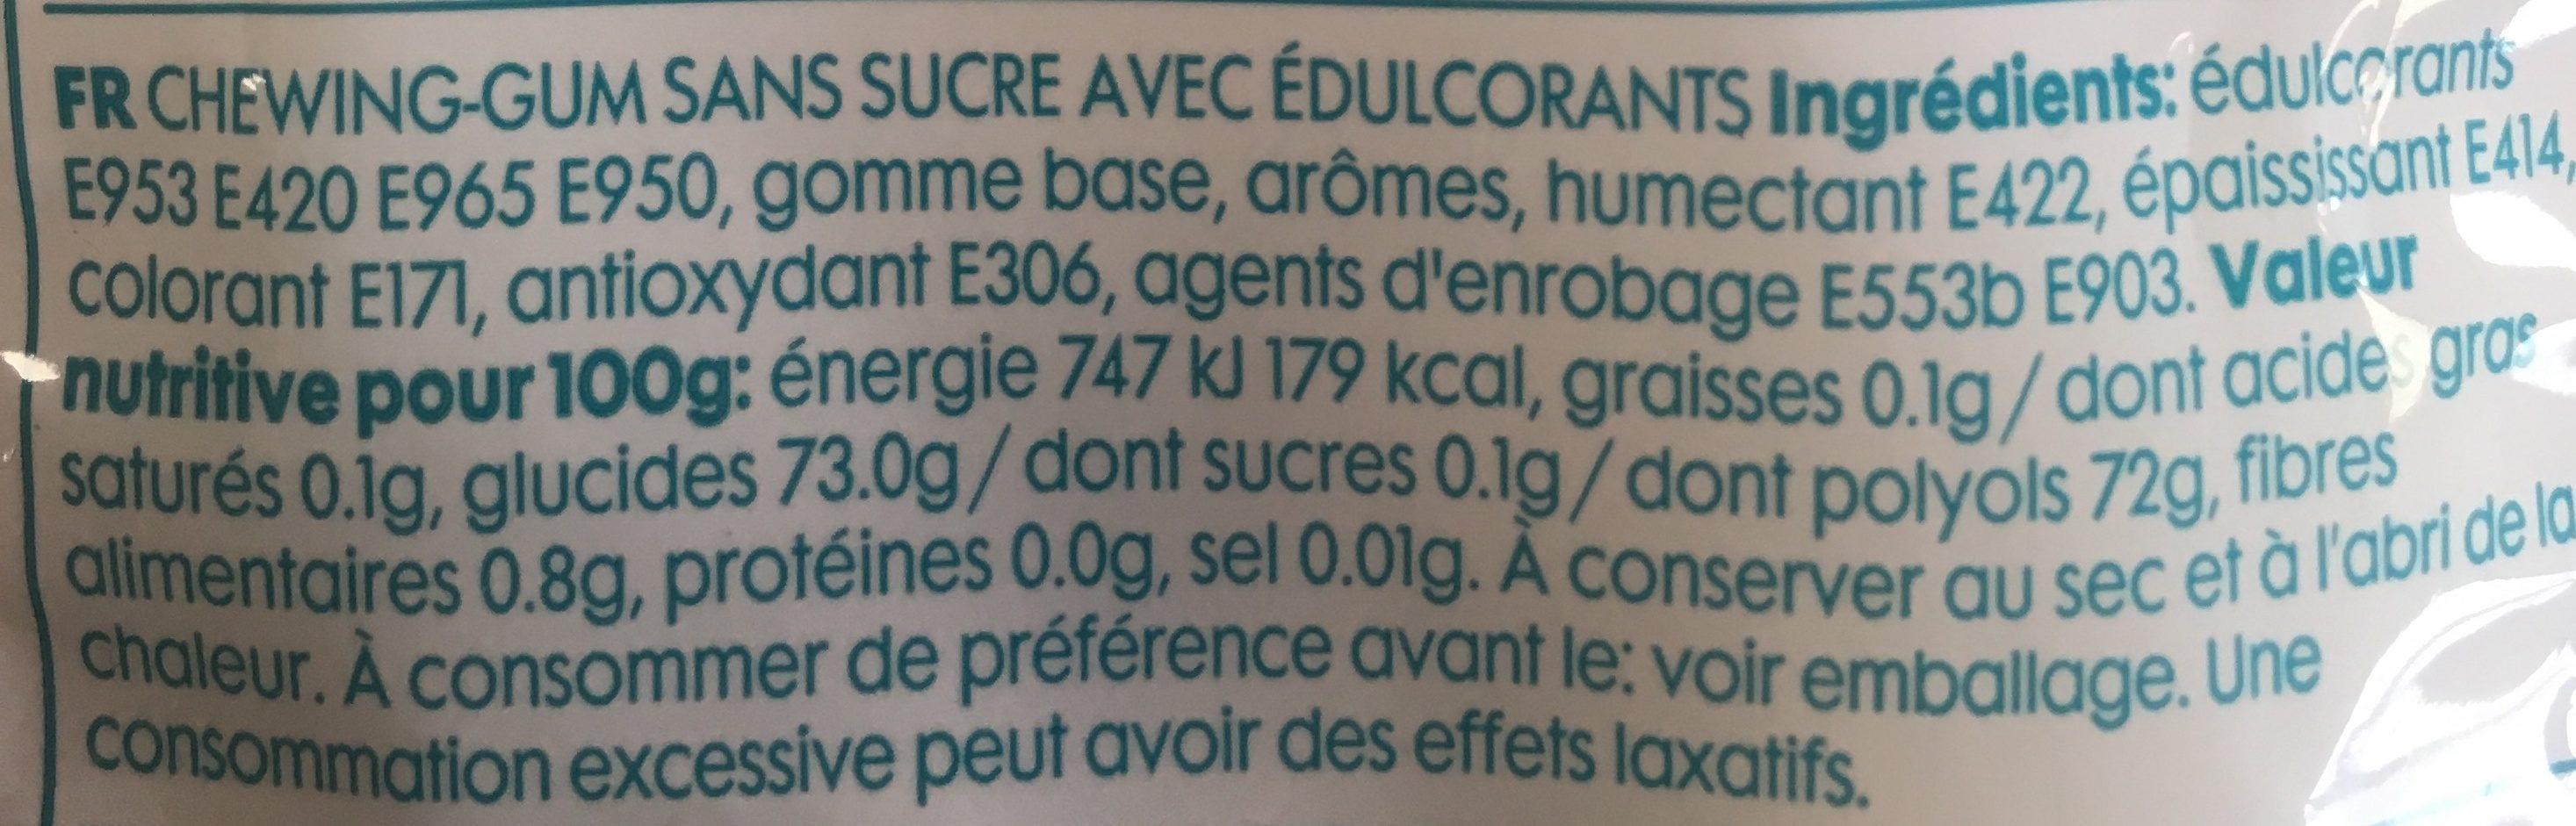 Gum Menthol Mint - Ingrédients